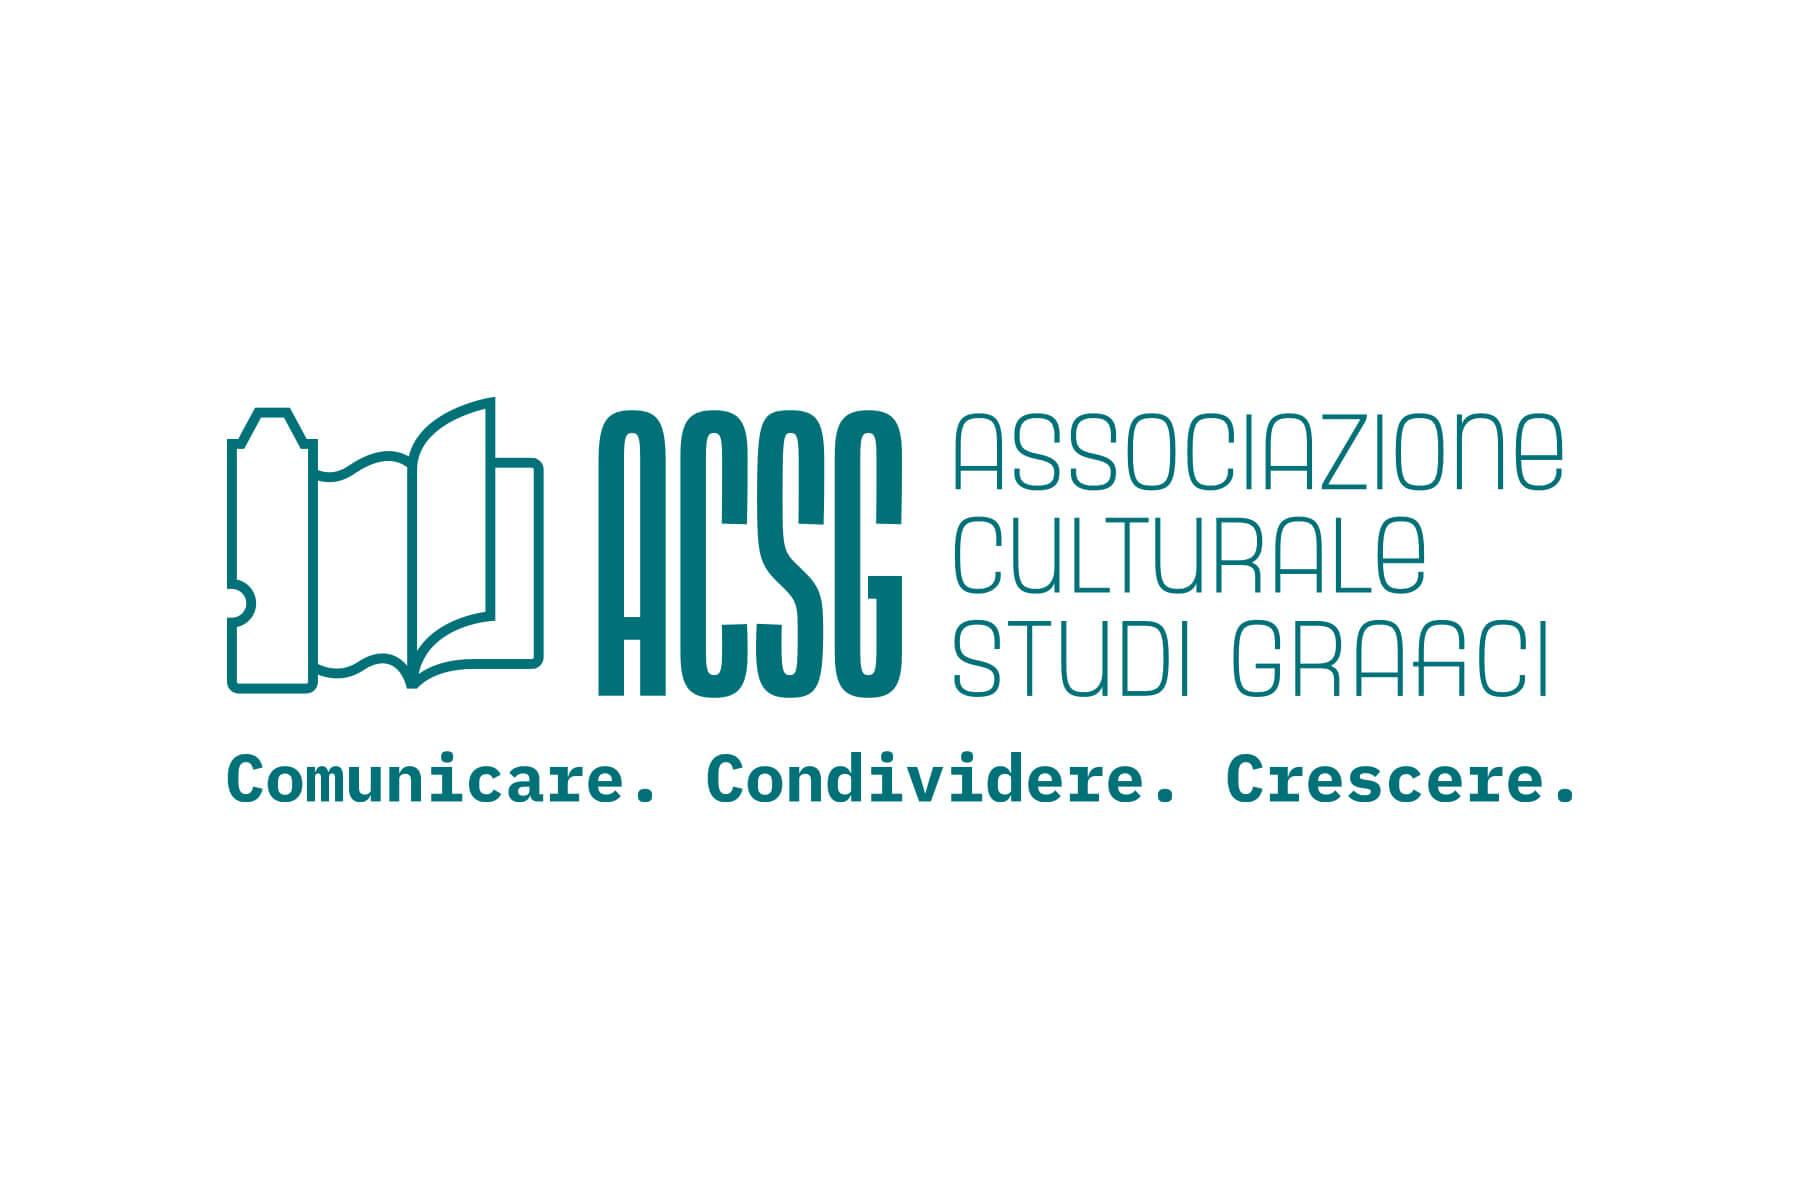 Logo principale di ACSG Associazione Culturale Studi Grafici